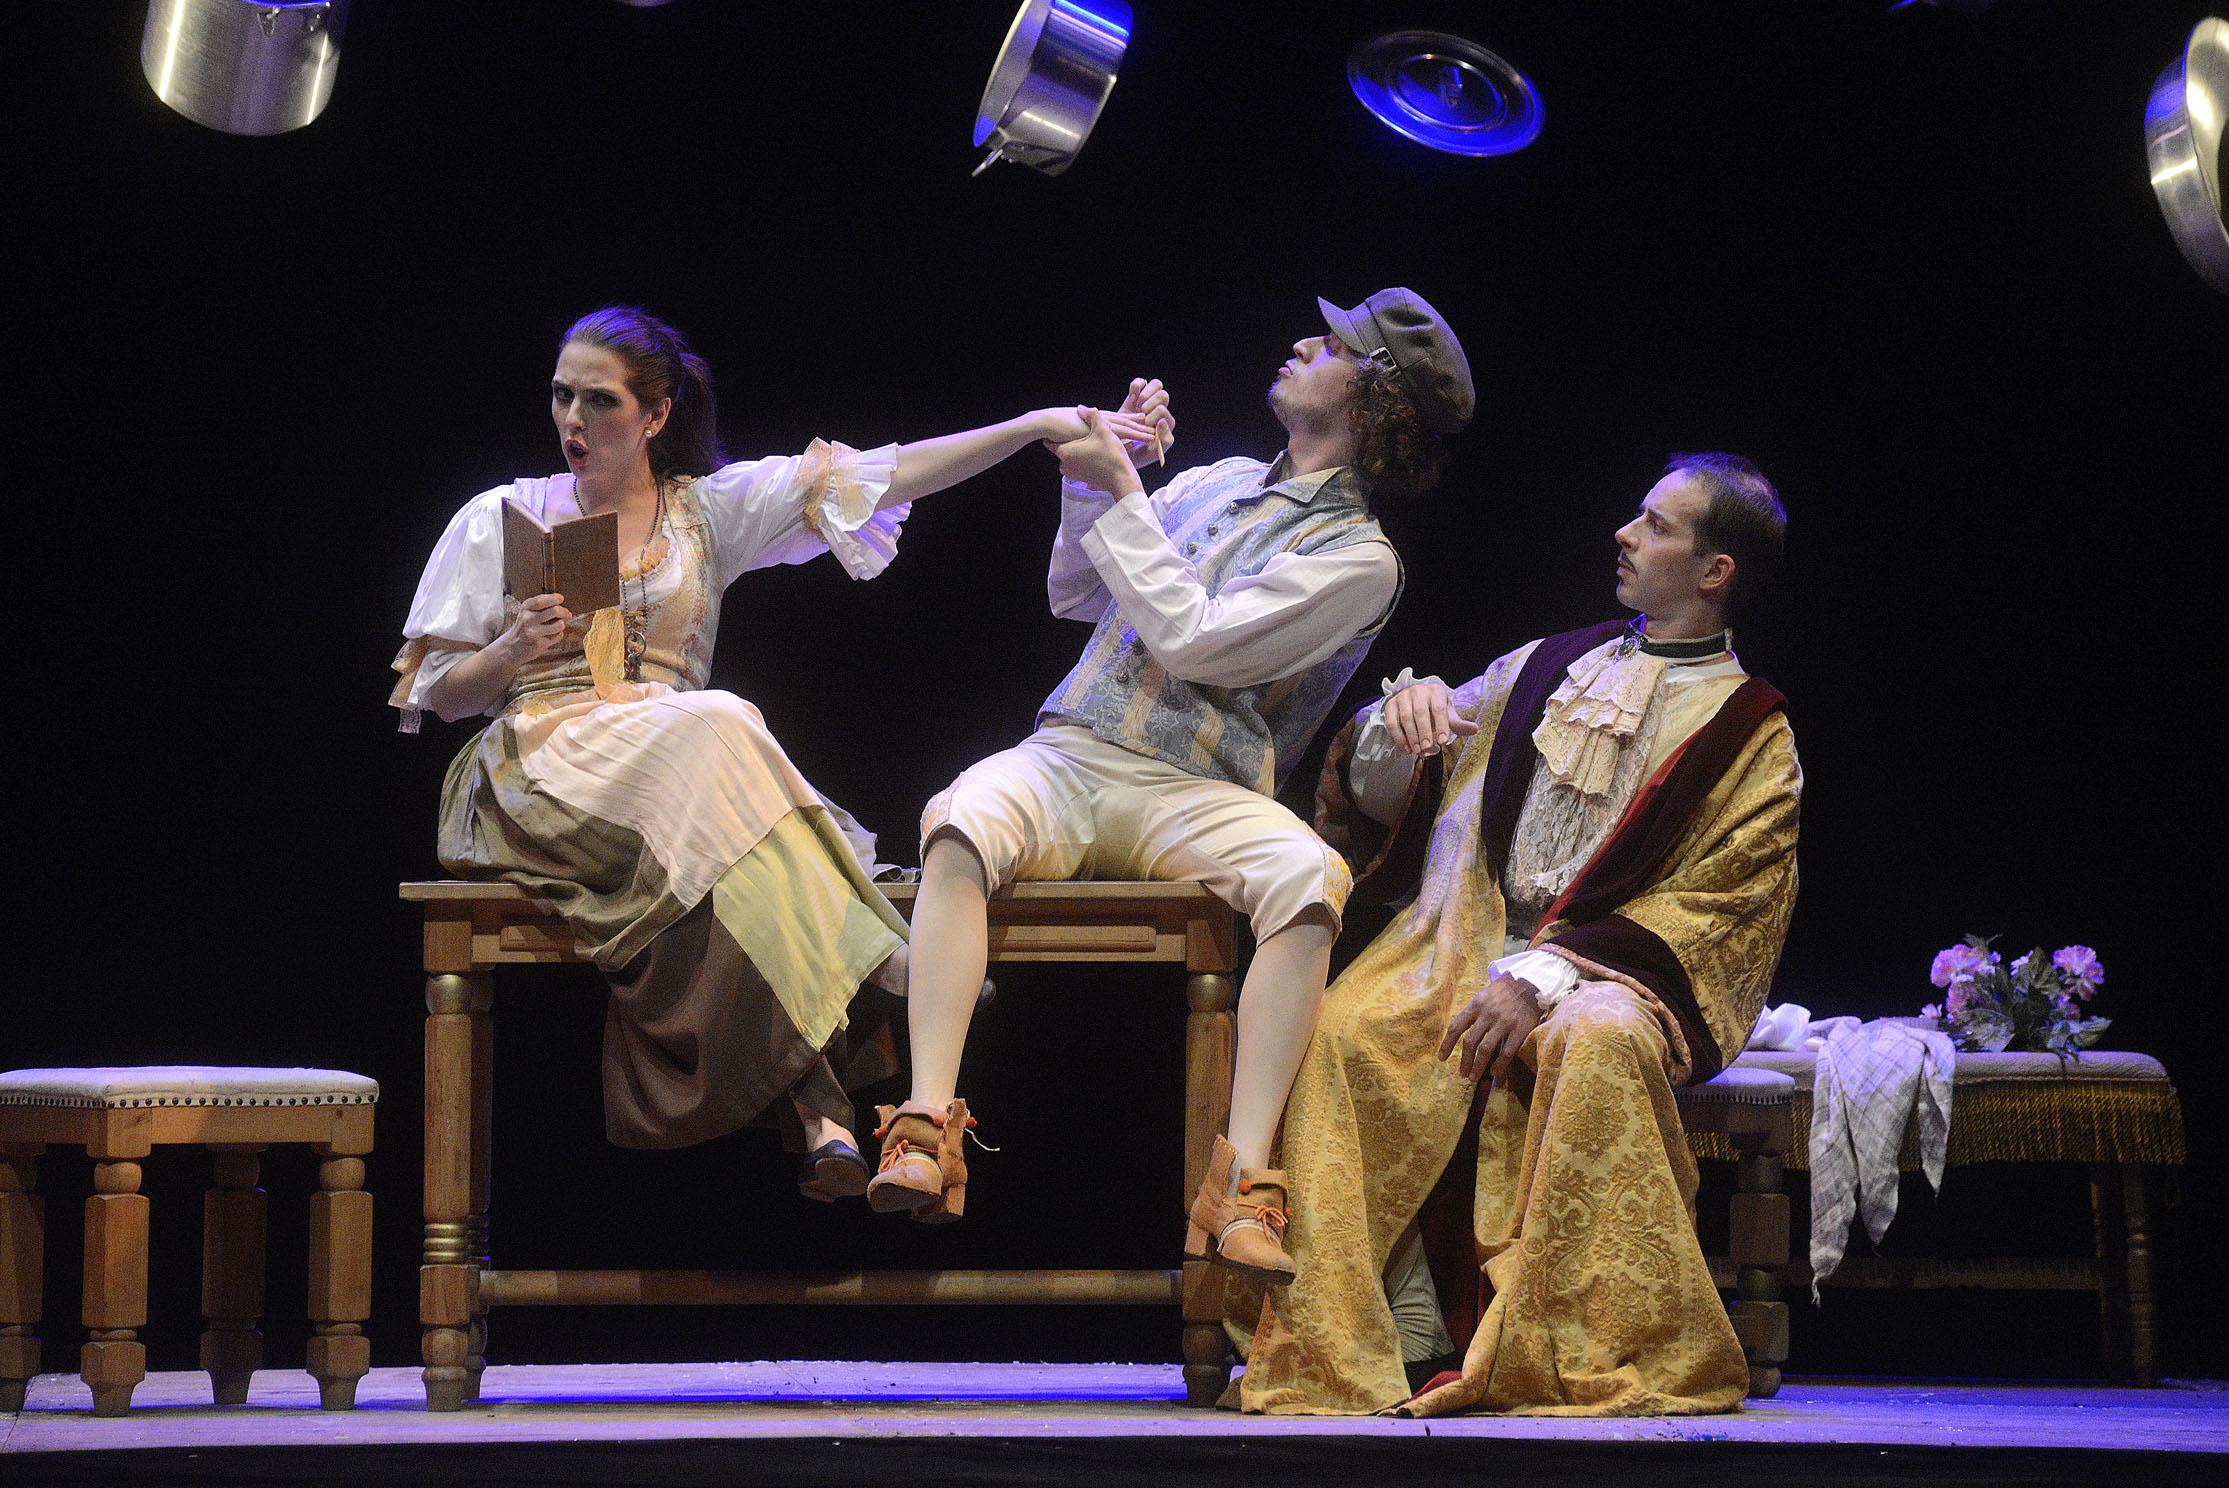 Terceira edição do Festival de Ópera do Paraná terá entrada gratuita